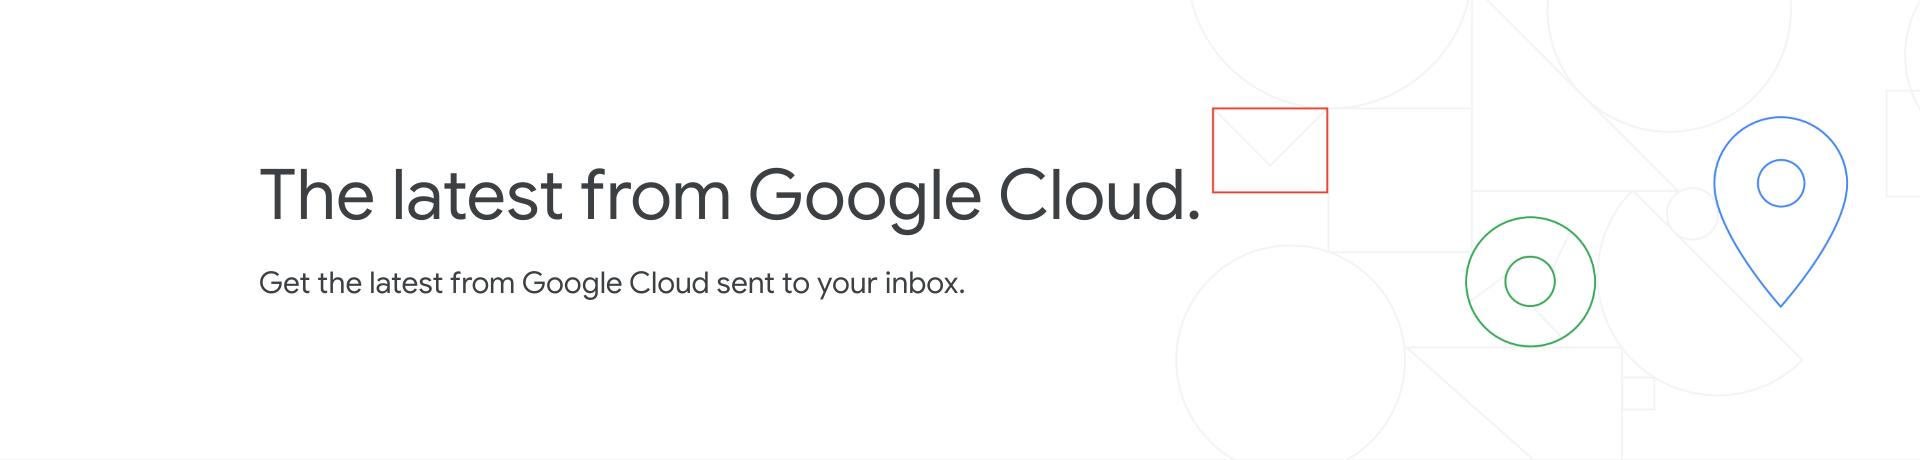 Google Cloud の最新情報